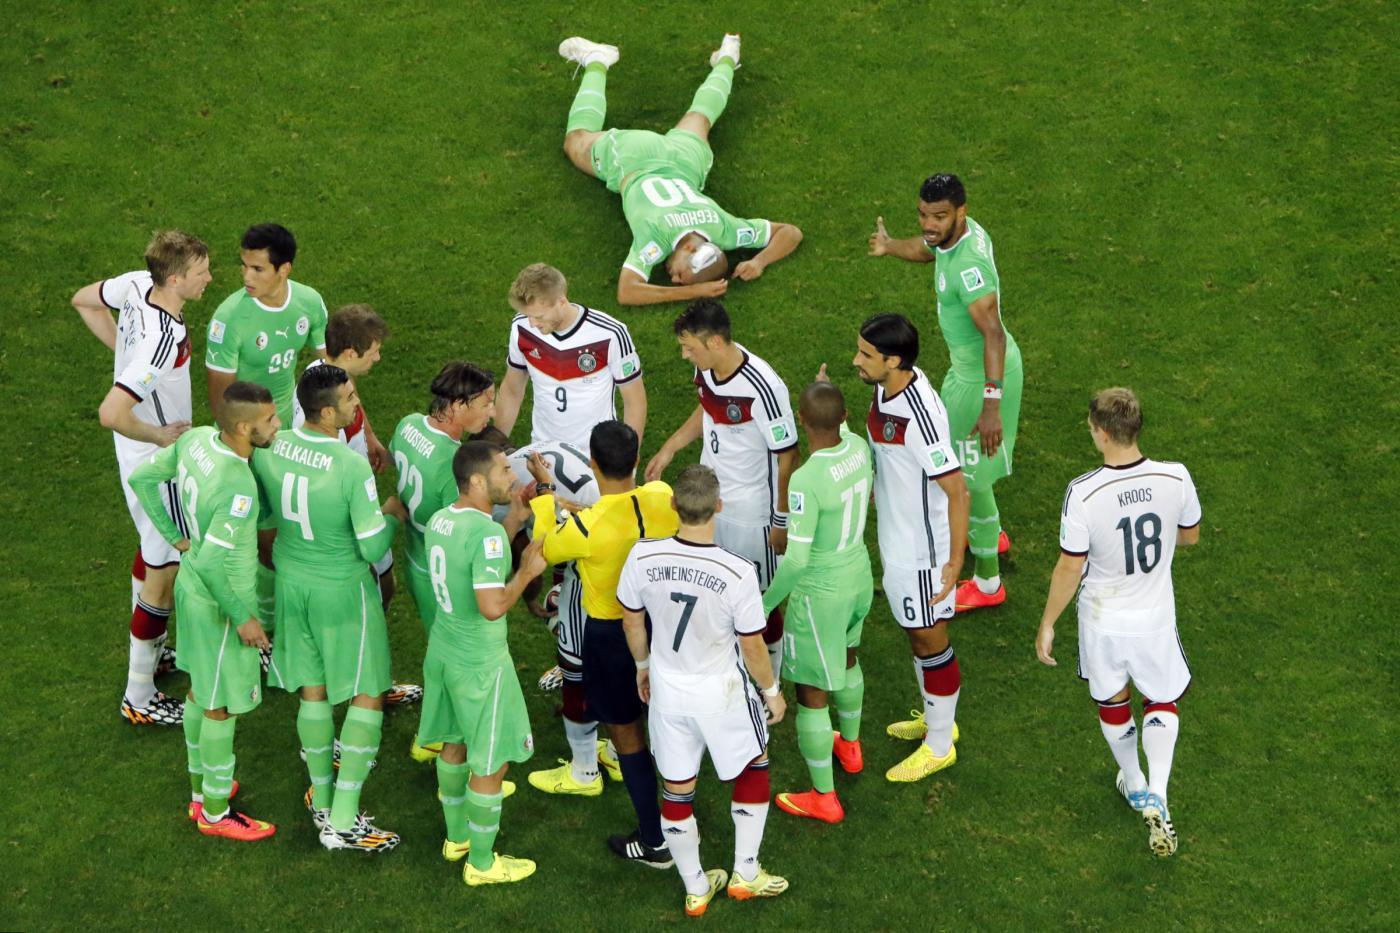 Mondiali 2014, Germania vs Algeria 2-1 ai supplementari con brivido finale